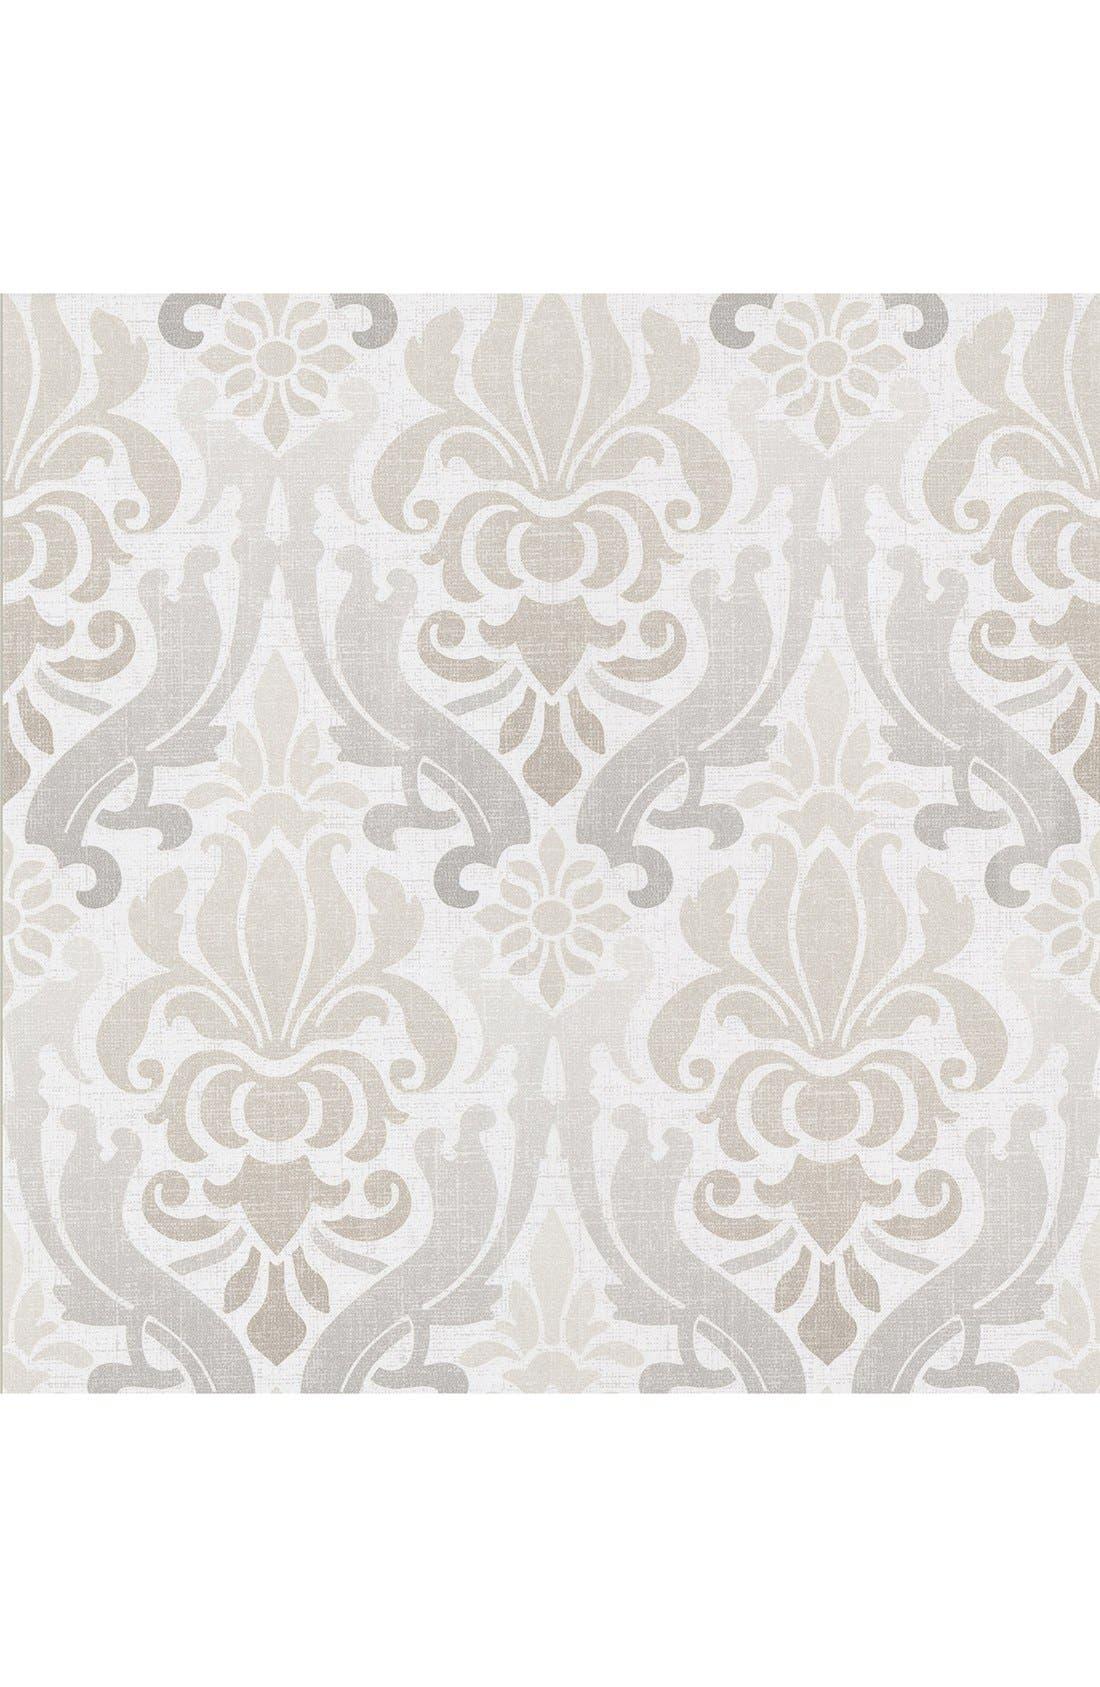 Main Image - Wallpops 'Aquitain Nouveau Damask' Unpasted Wallpaper